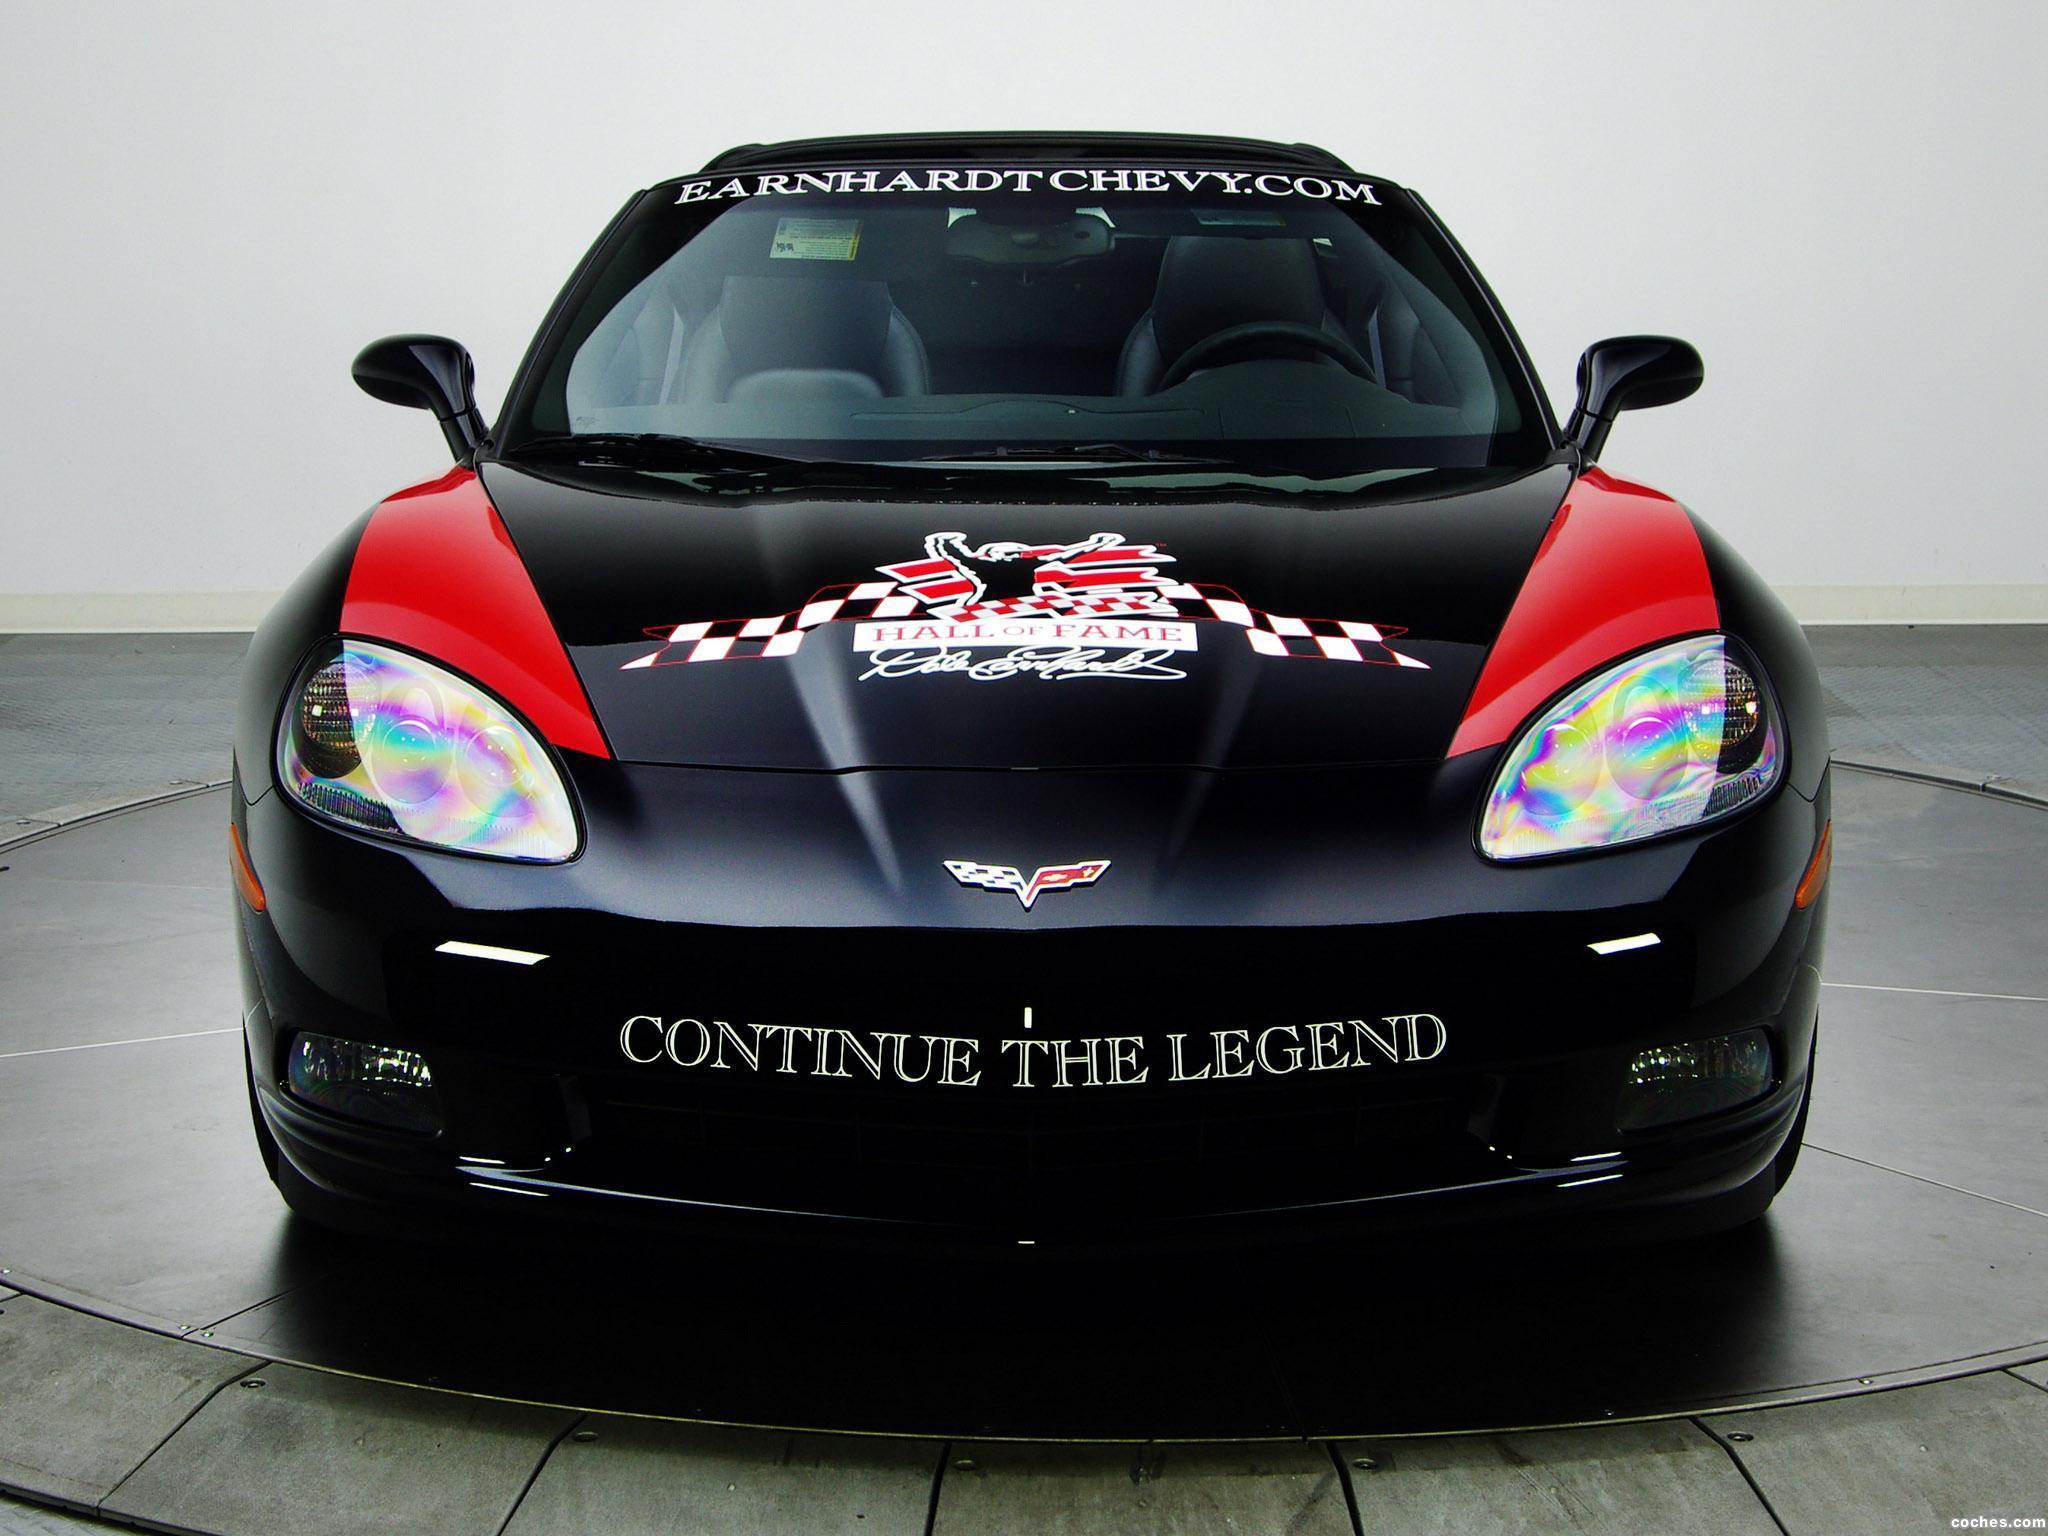 Foto 0 de Chevrolet Corvette Coupe Earnhardt Hall of Fame Edition 2010